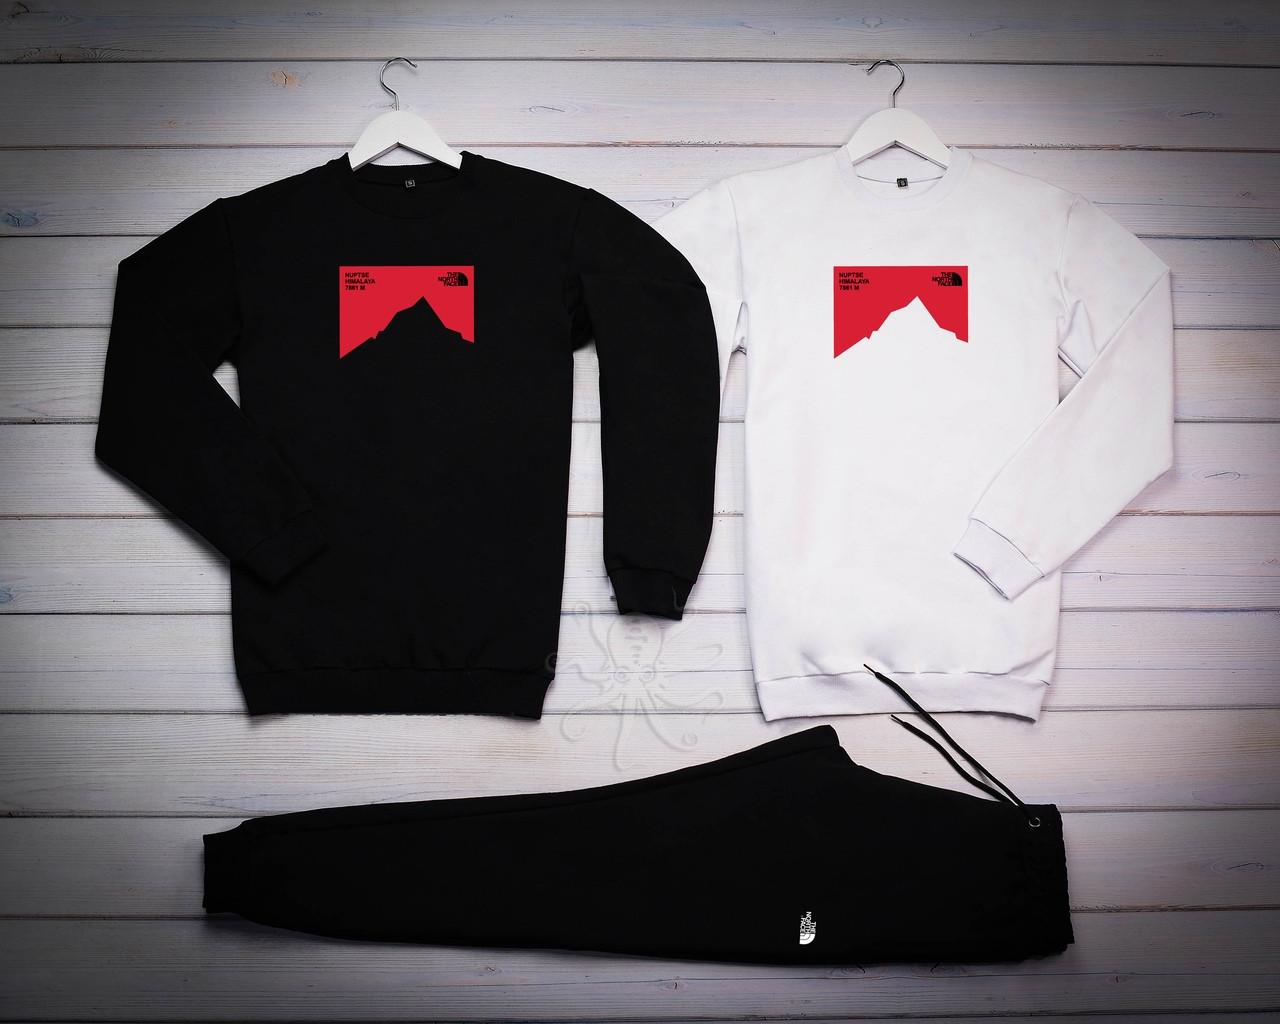 The North Face Mужской черный спортивный костюм демисезонный. Свитшот черный 2шт+ штаны черные